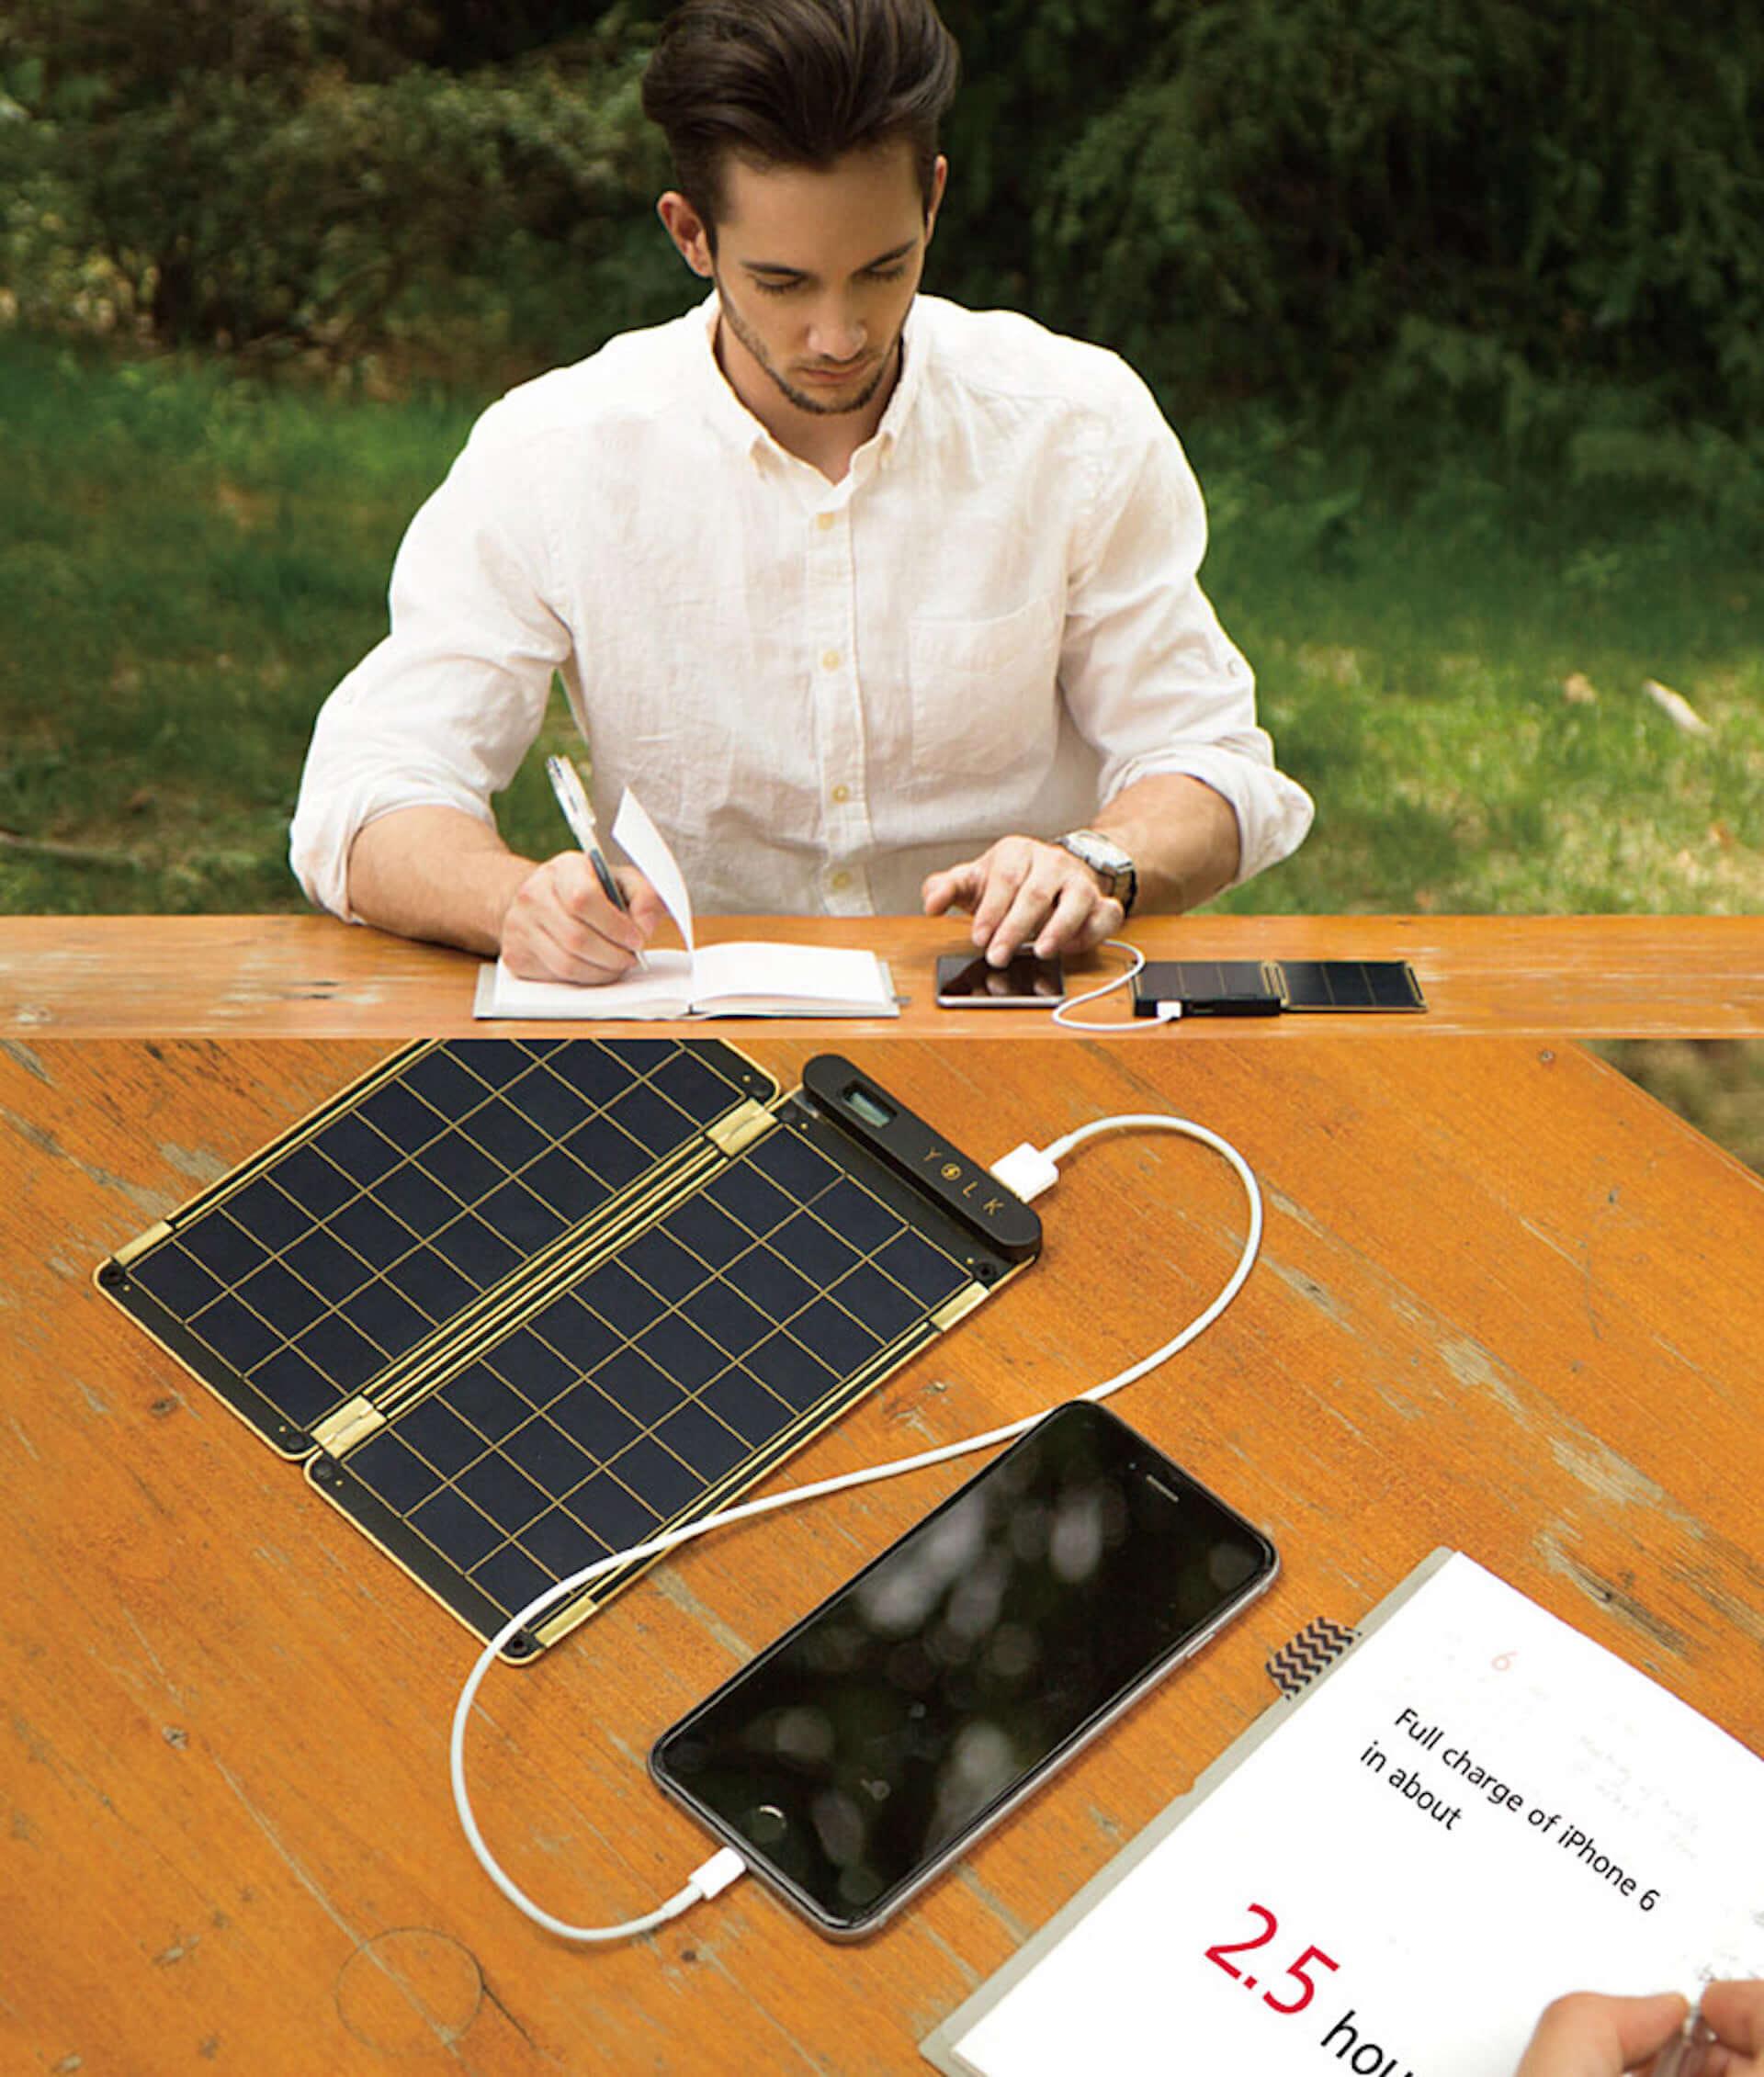 世界最薄・最軽量!家庭用コンセント同等の充電スピードを誇る、高性能ソーラーチャージャー「YOLK Solar Paper」が登場 technology190821yolk-solar-paper_3-1920x2261